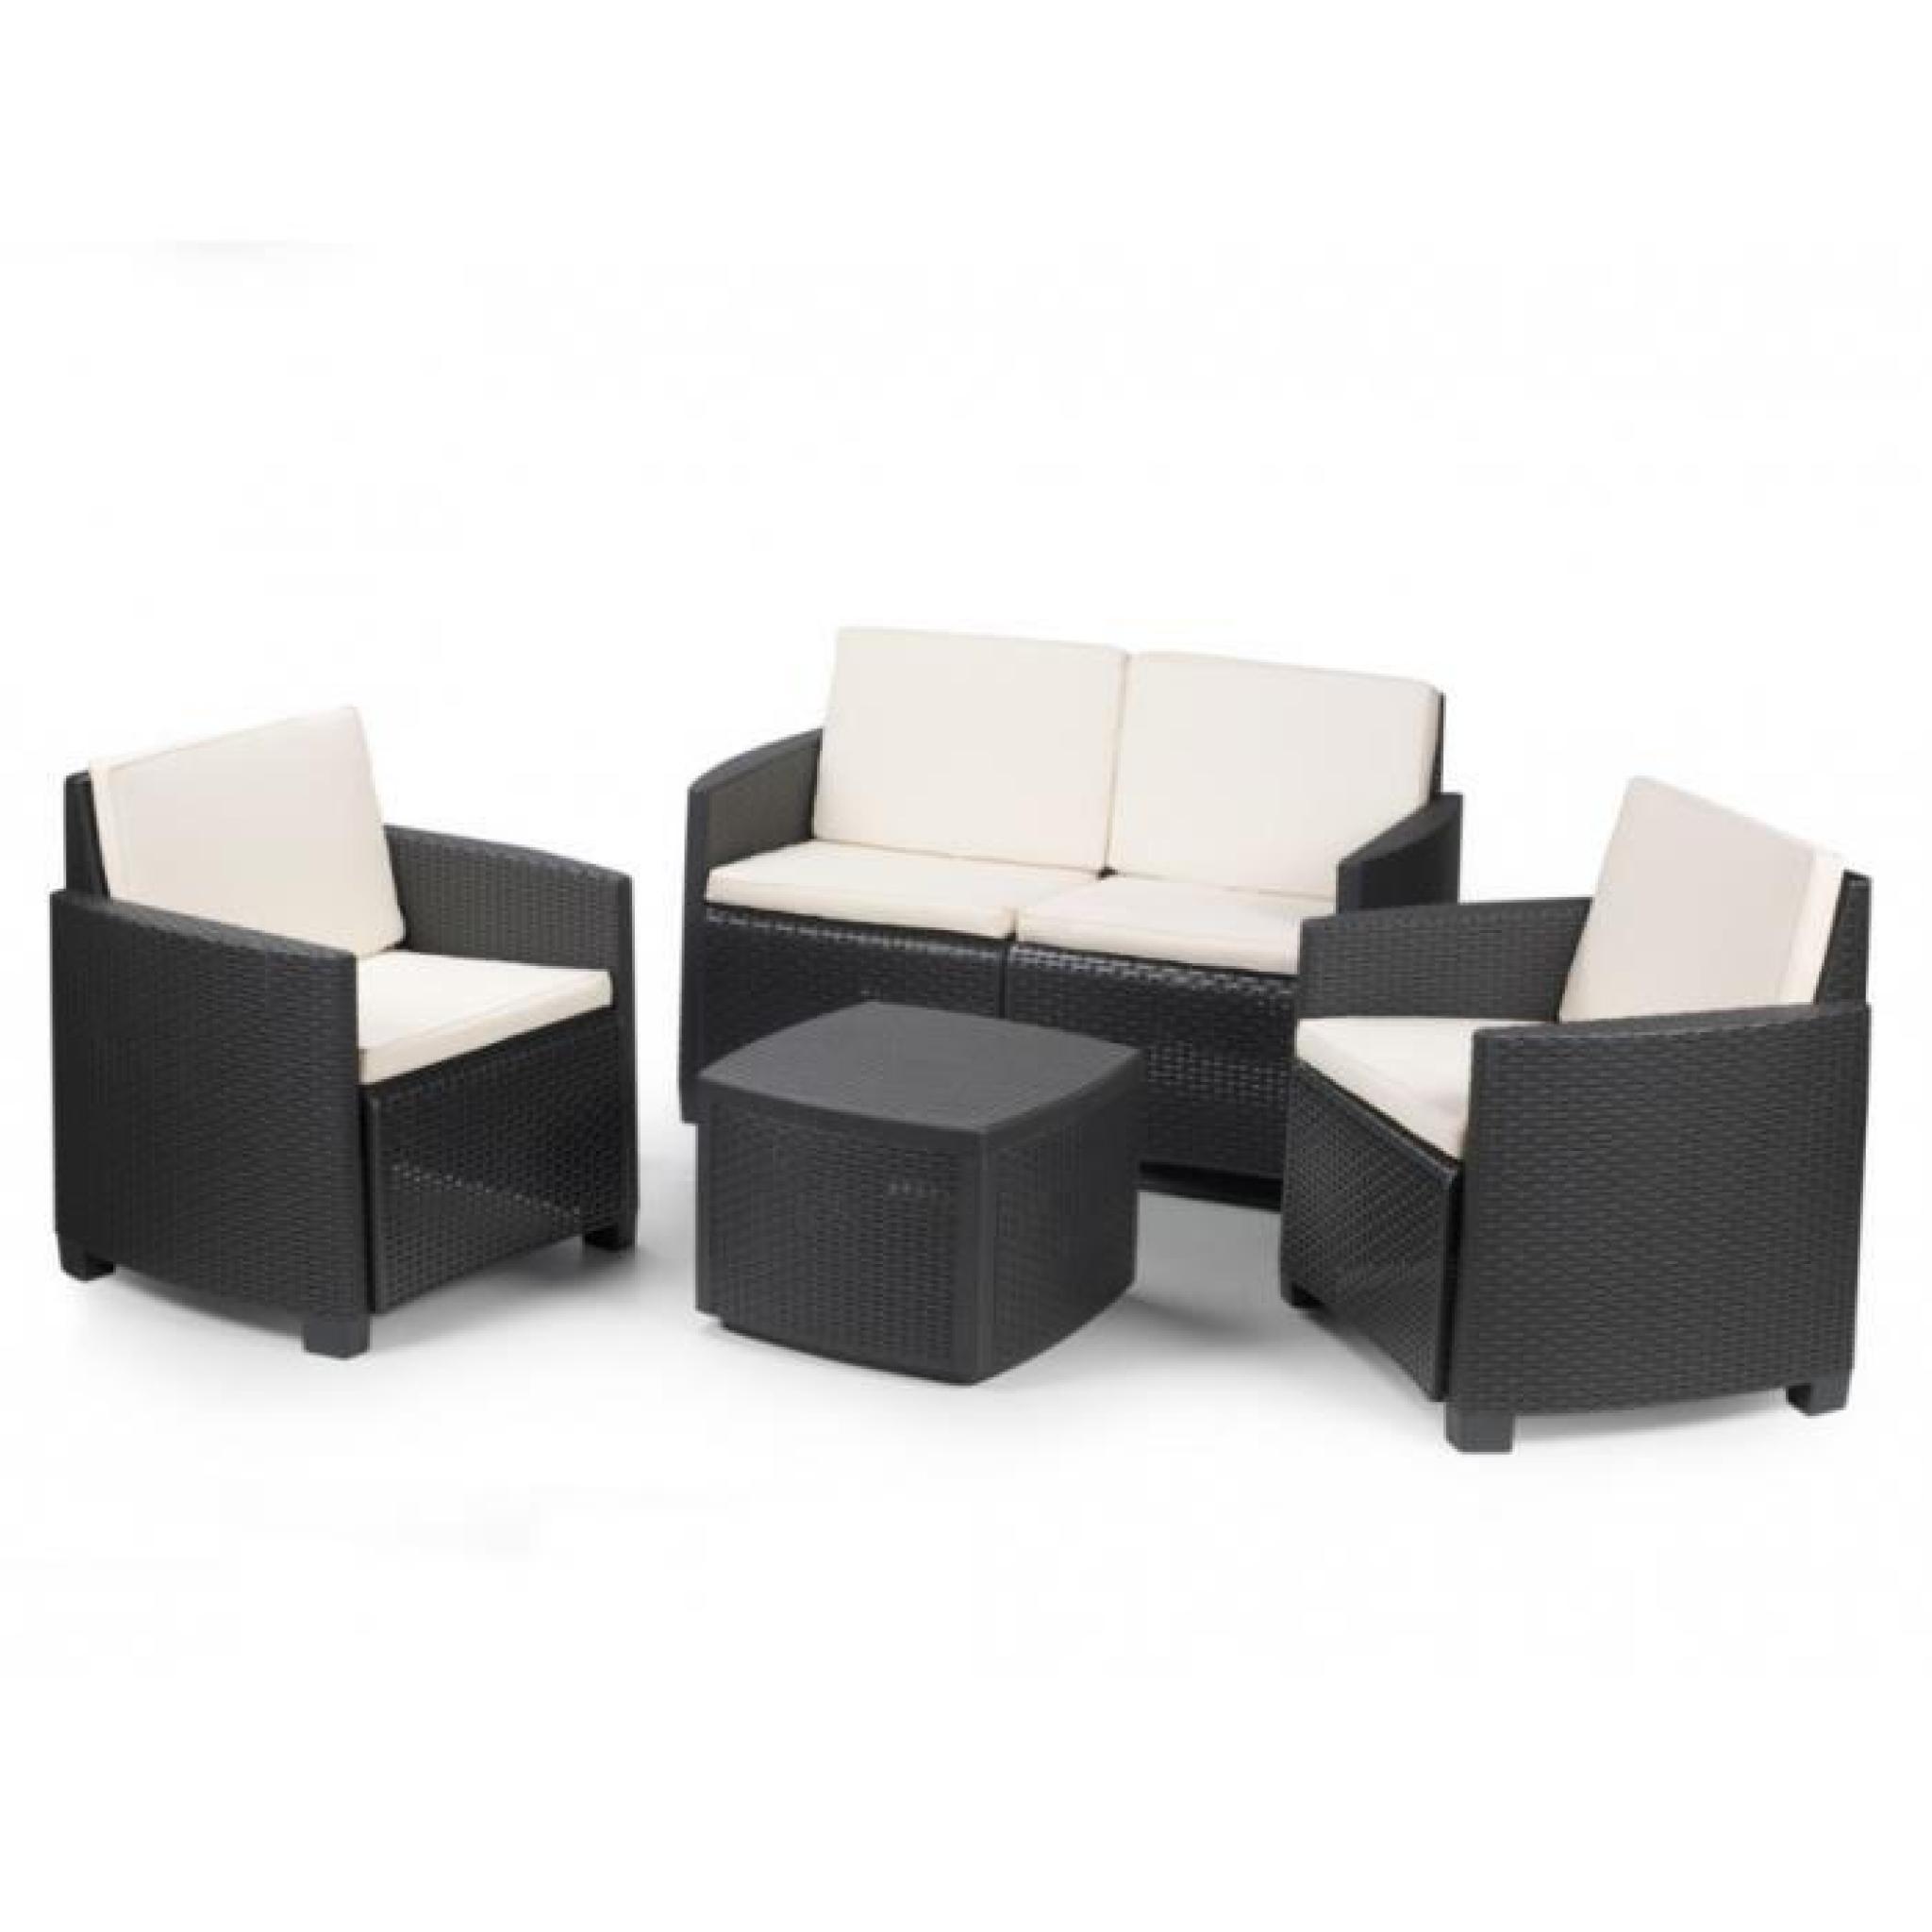 salon de jardin alisea en r sine moul e anthracite un canap 2 places 2 fauteuils et une. Black Bedroom Furniture Sets. Home Design Ideas